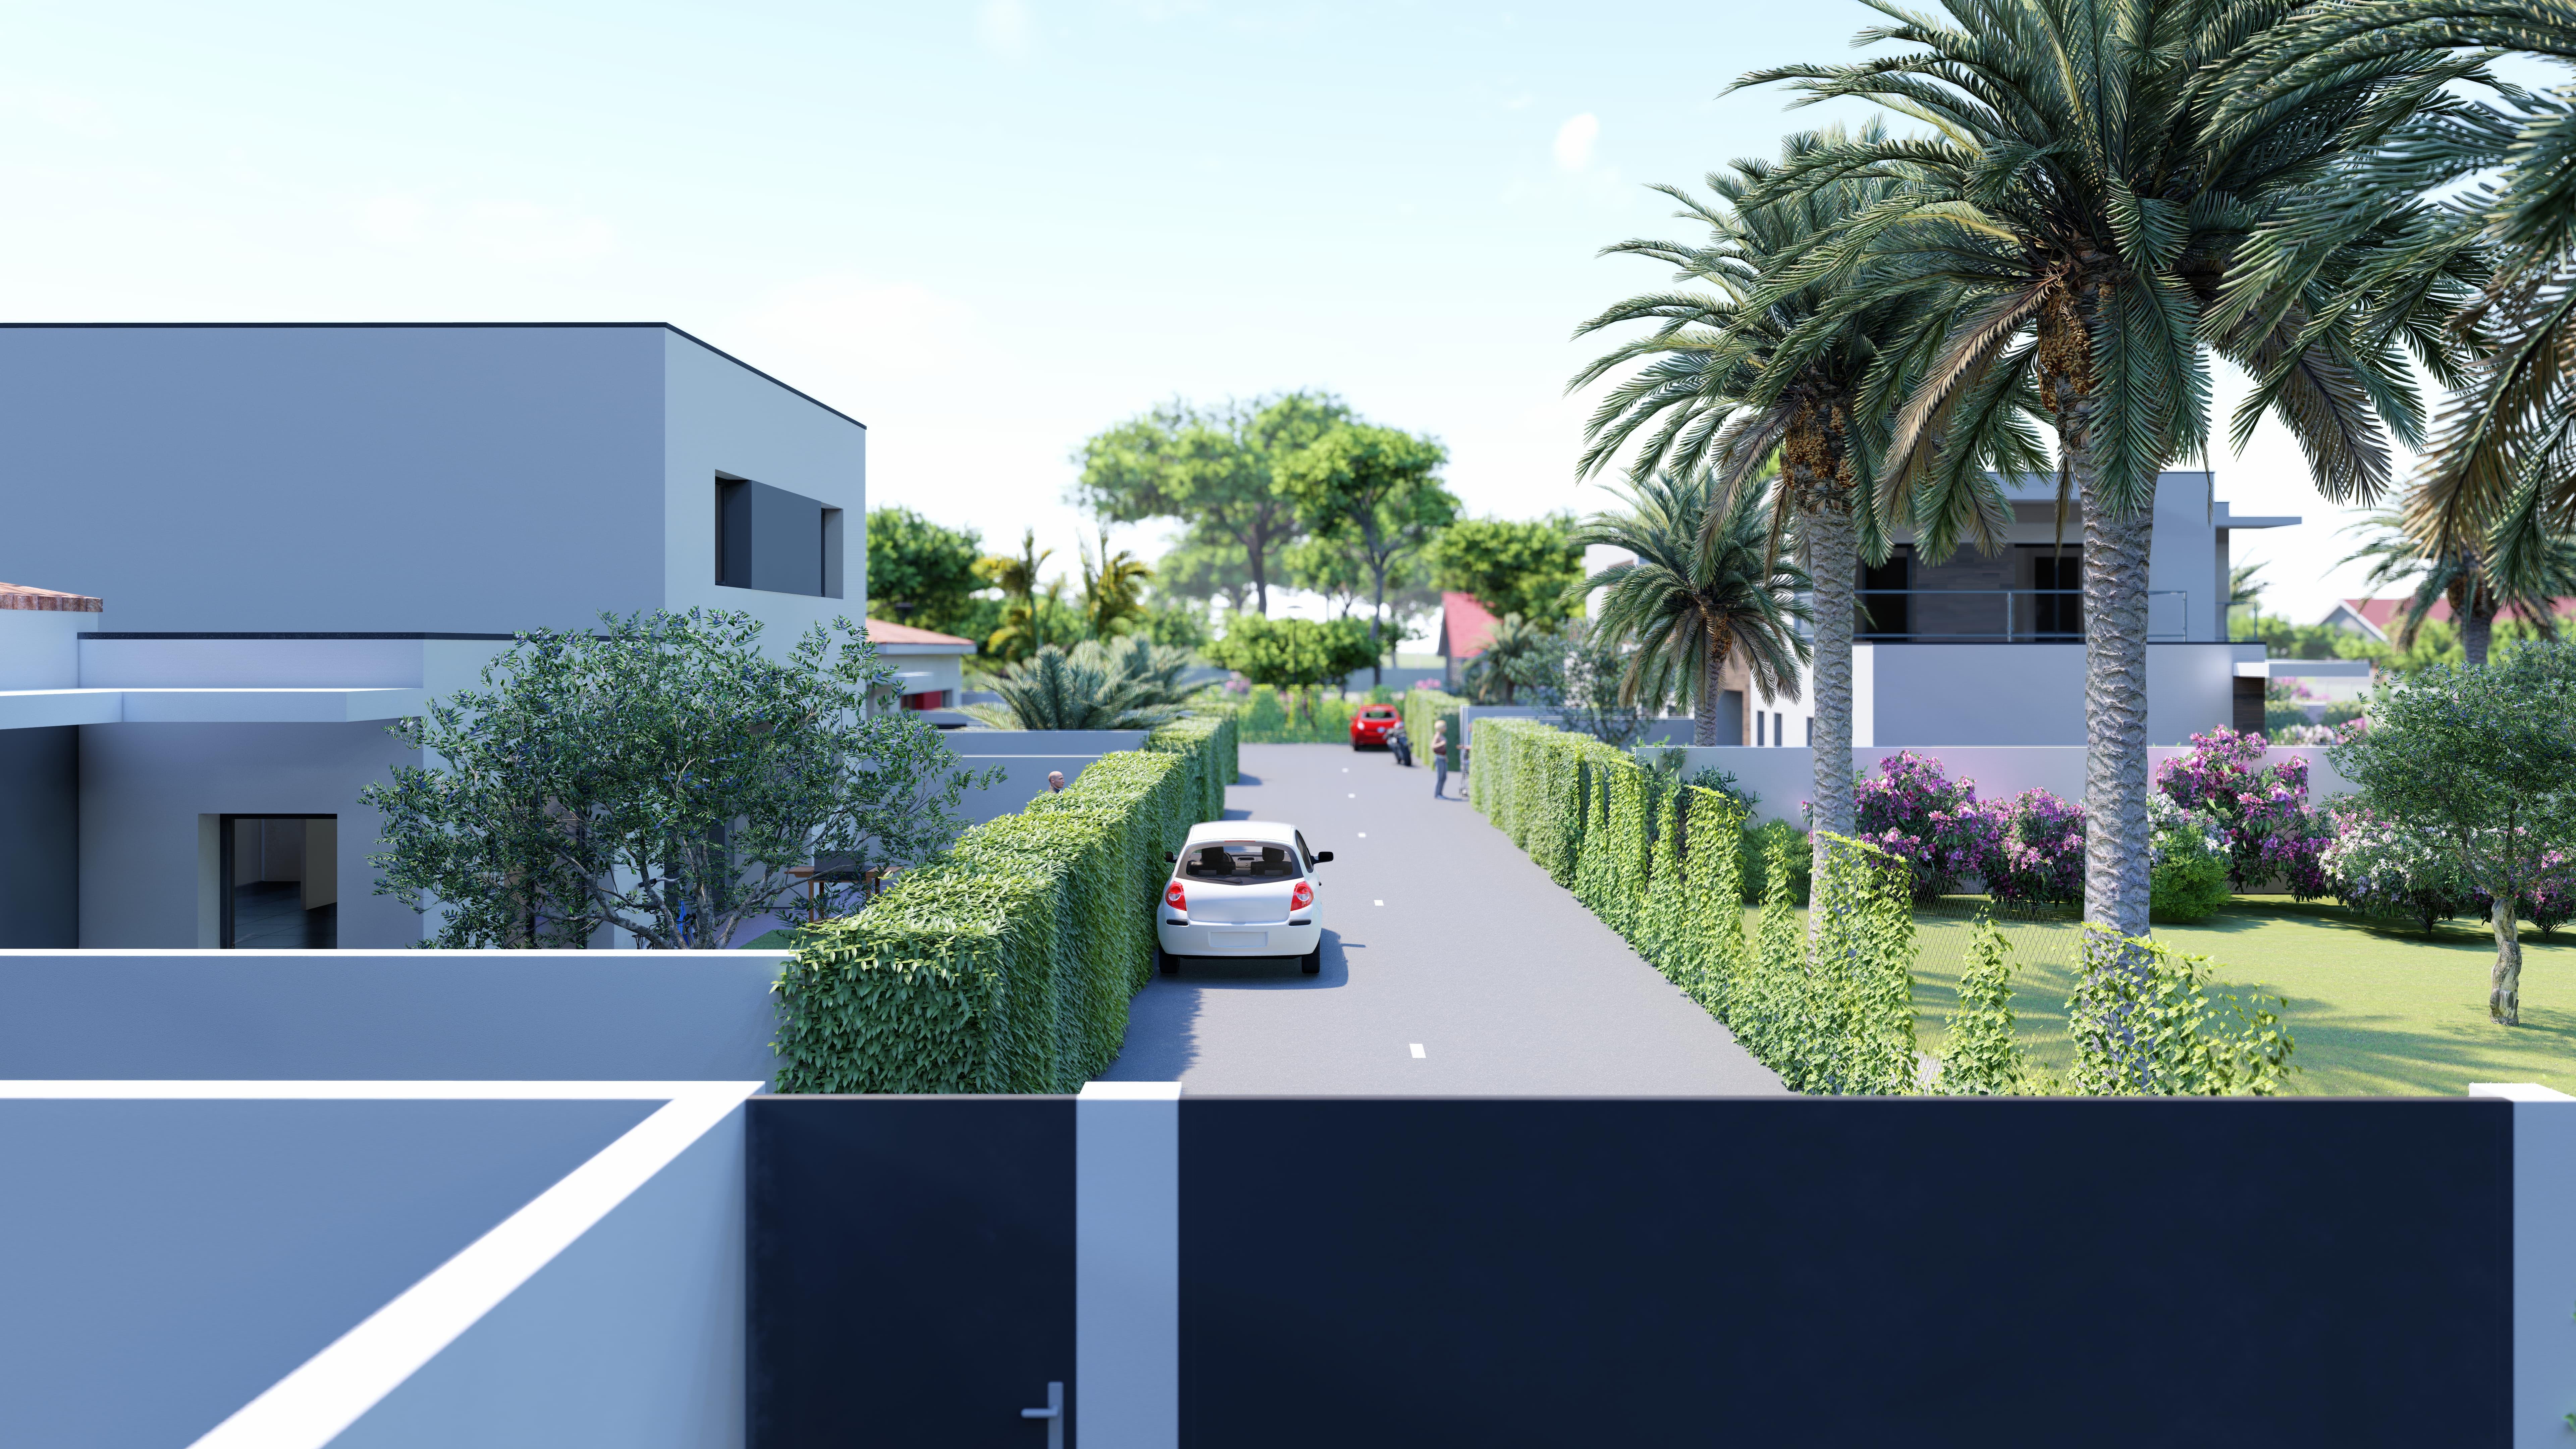 Perspective de programme immobilier Les Villas Du Beau Temps à Agde dans l'Hérault. Opération signée LLZ. Perspective réalisée par l'agence de Communication Tamline